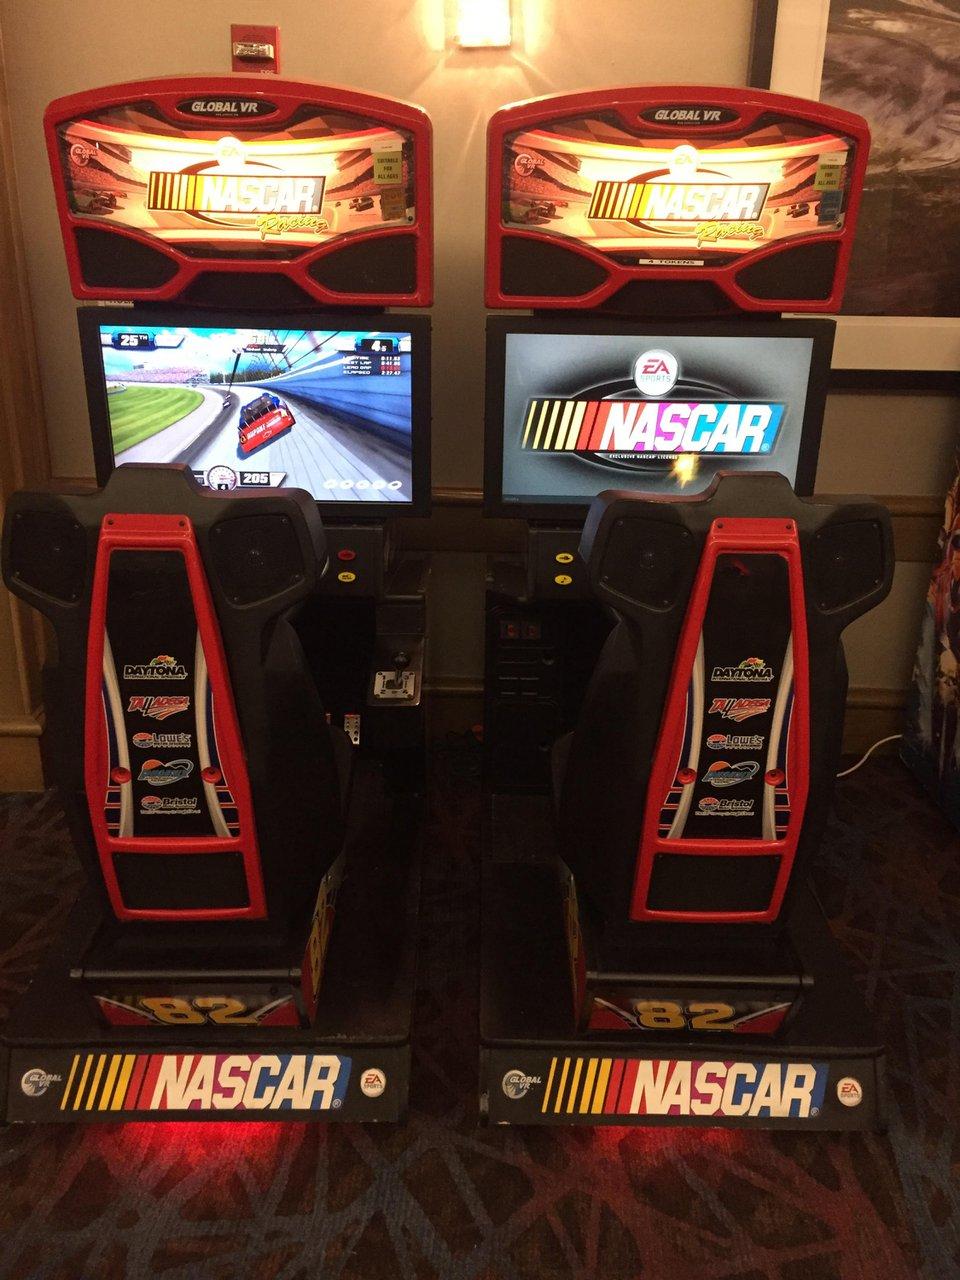 Weekend of Gaming photo VR Nascar.jpg